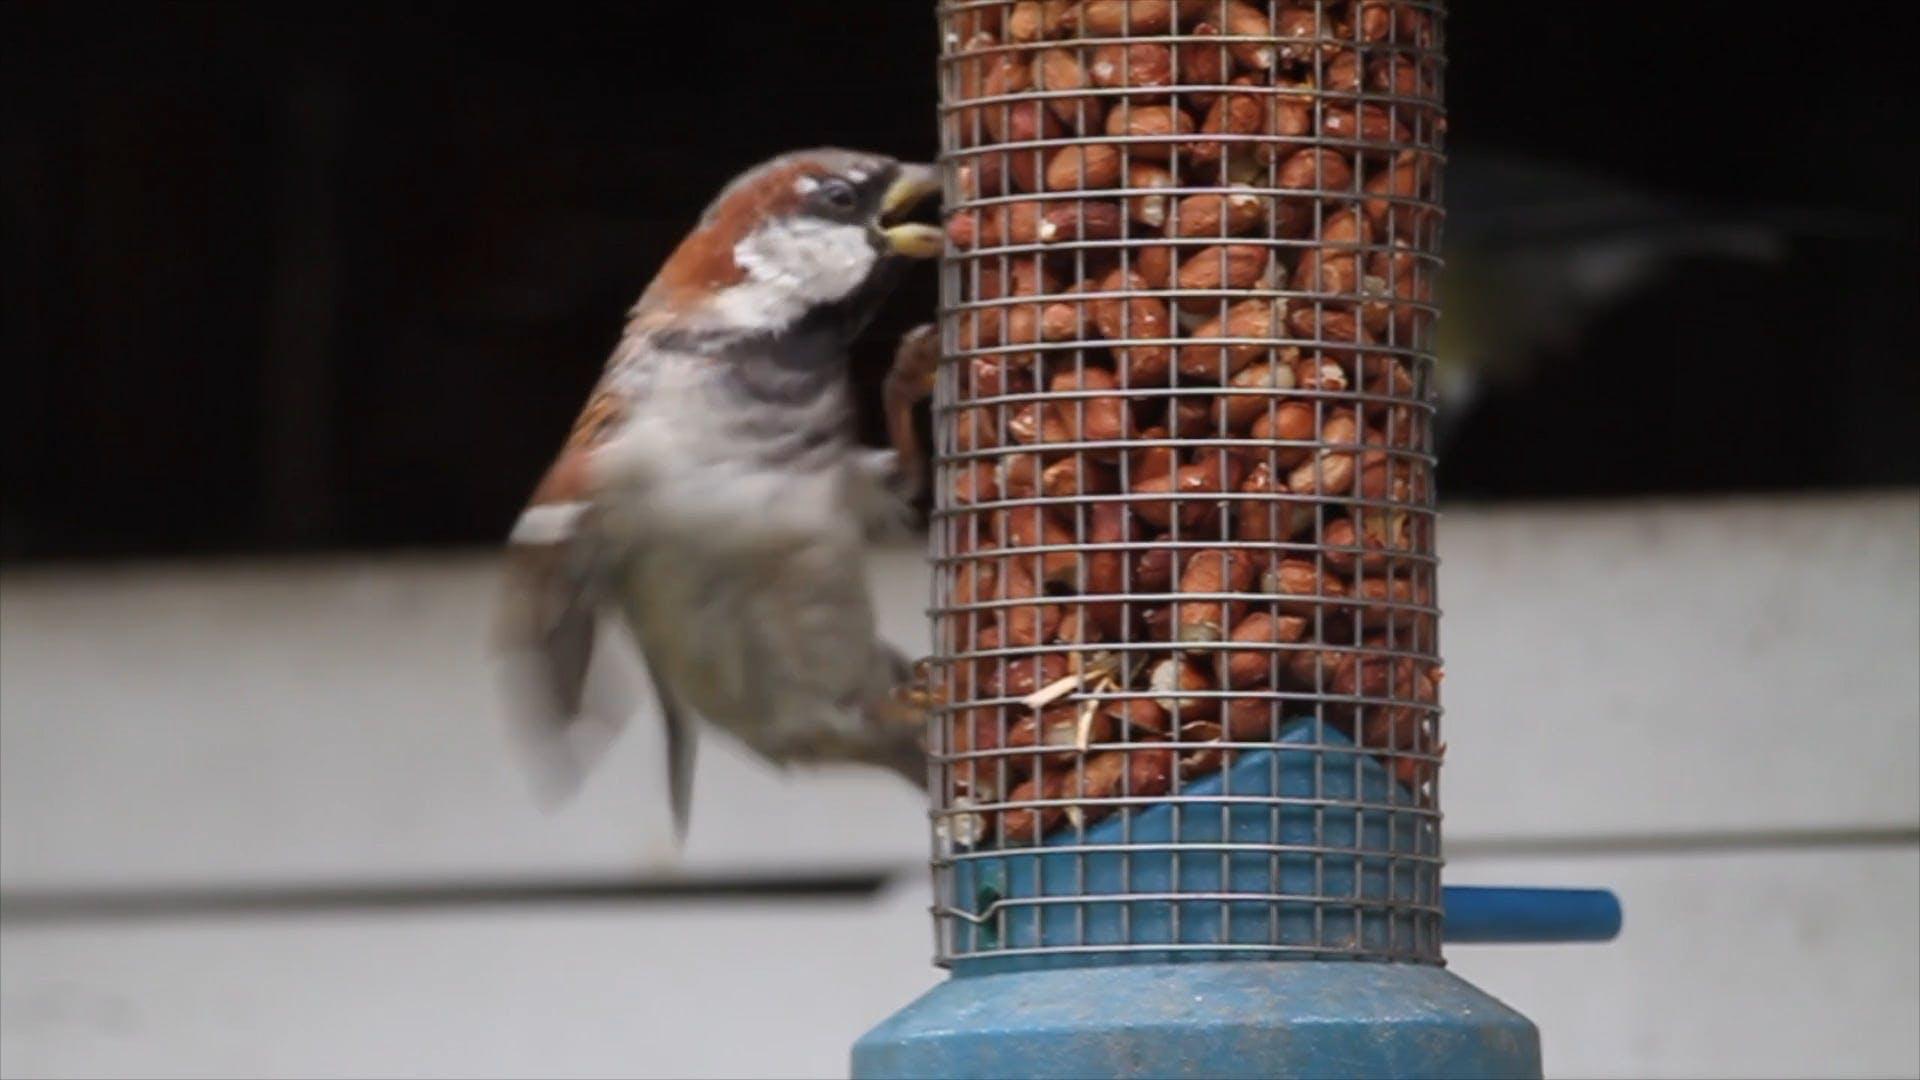 Perched Bird On A Feeder